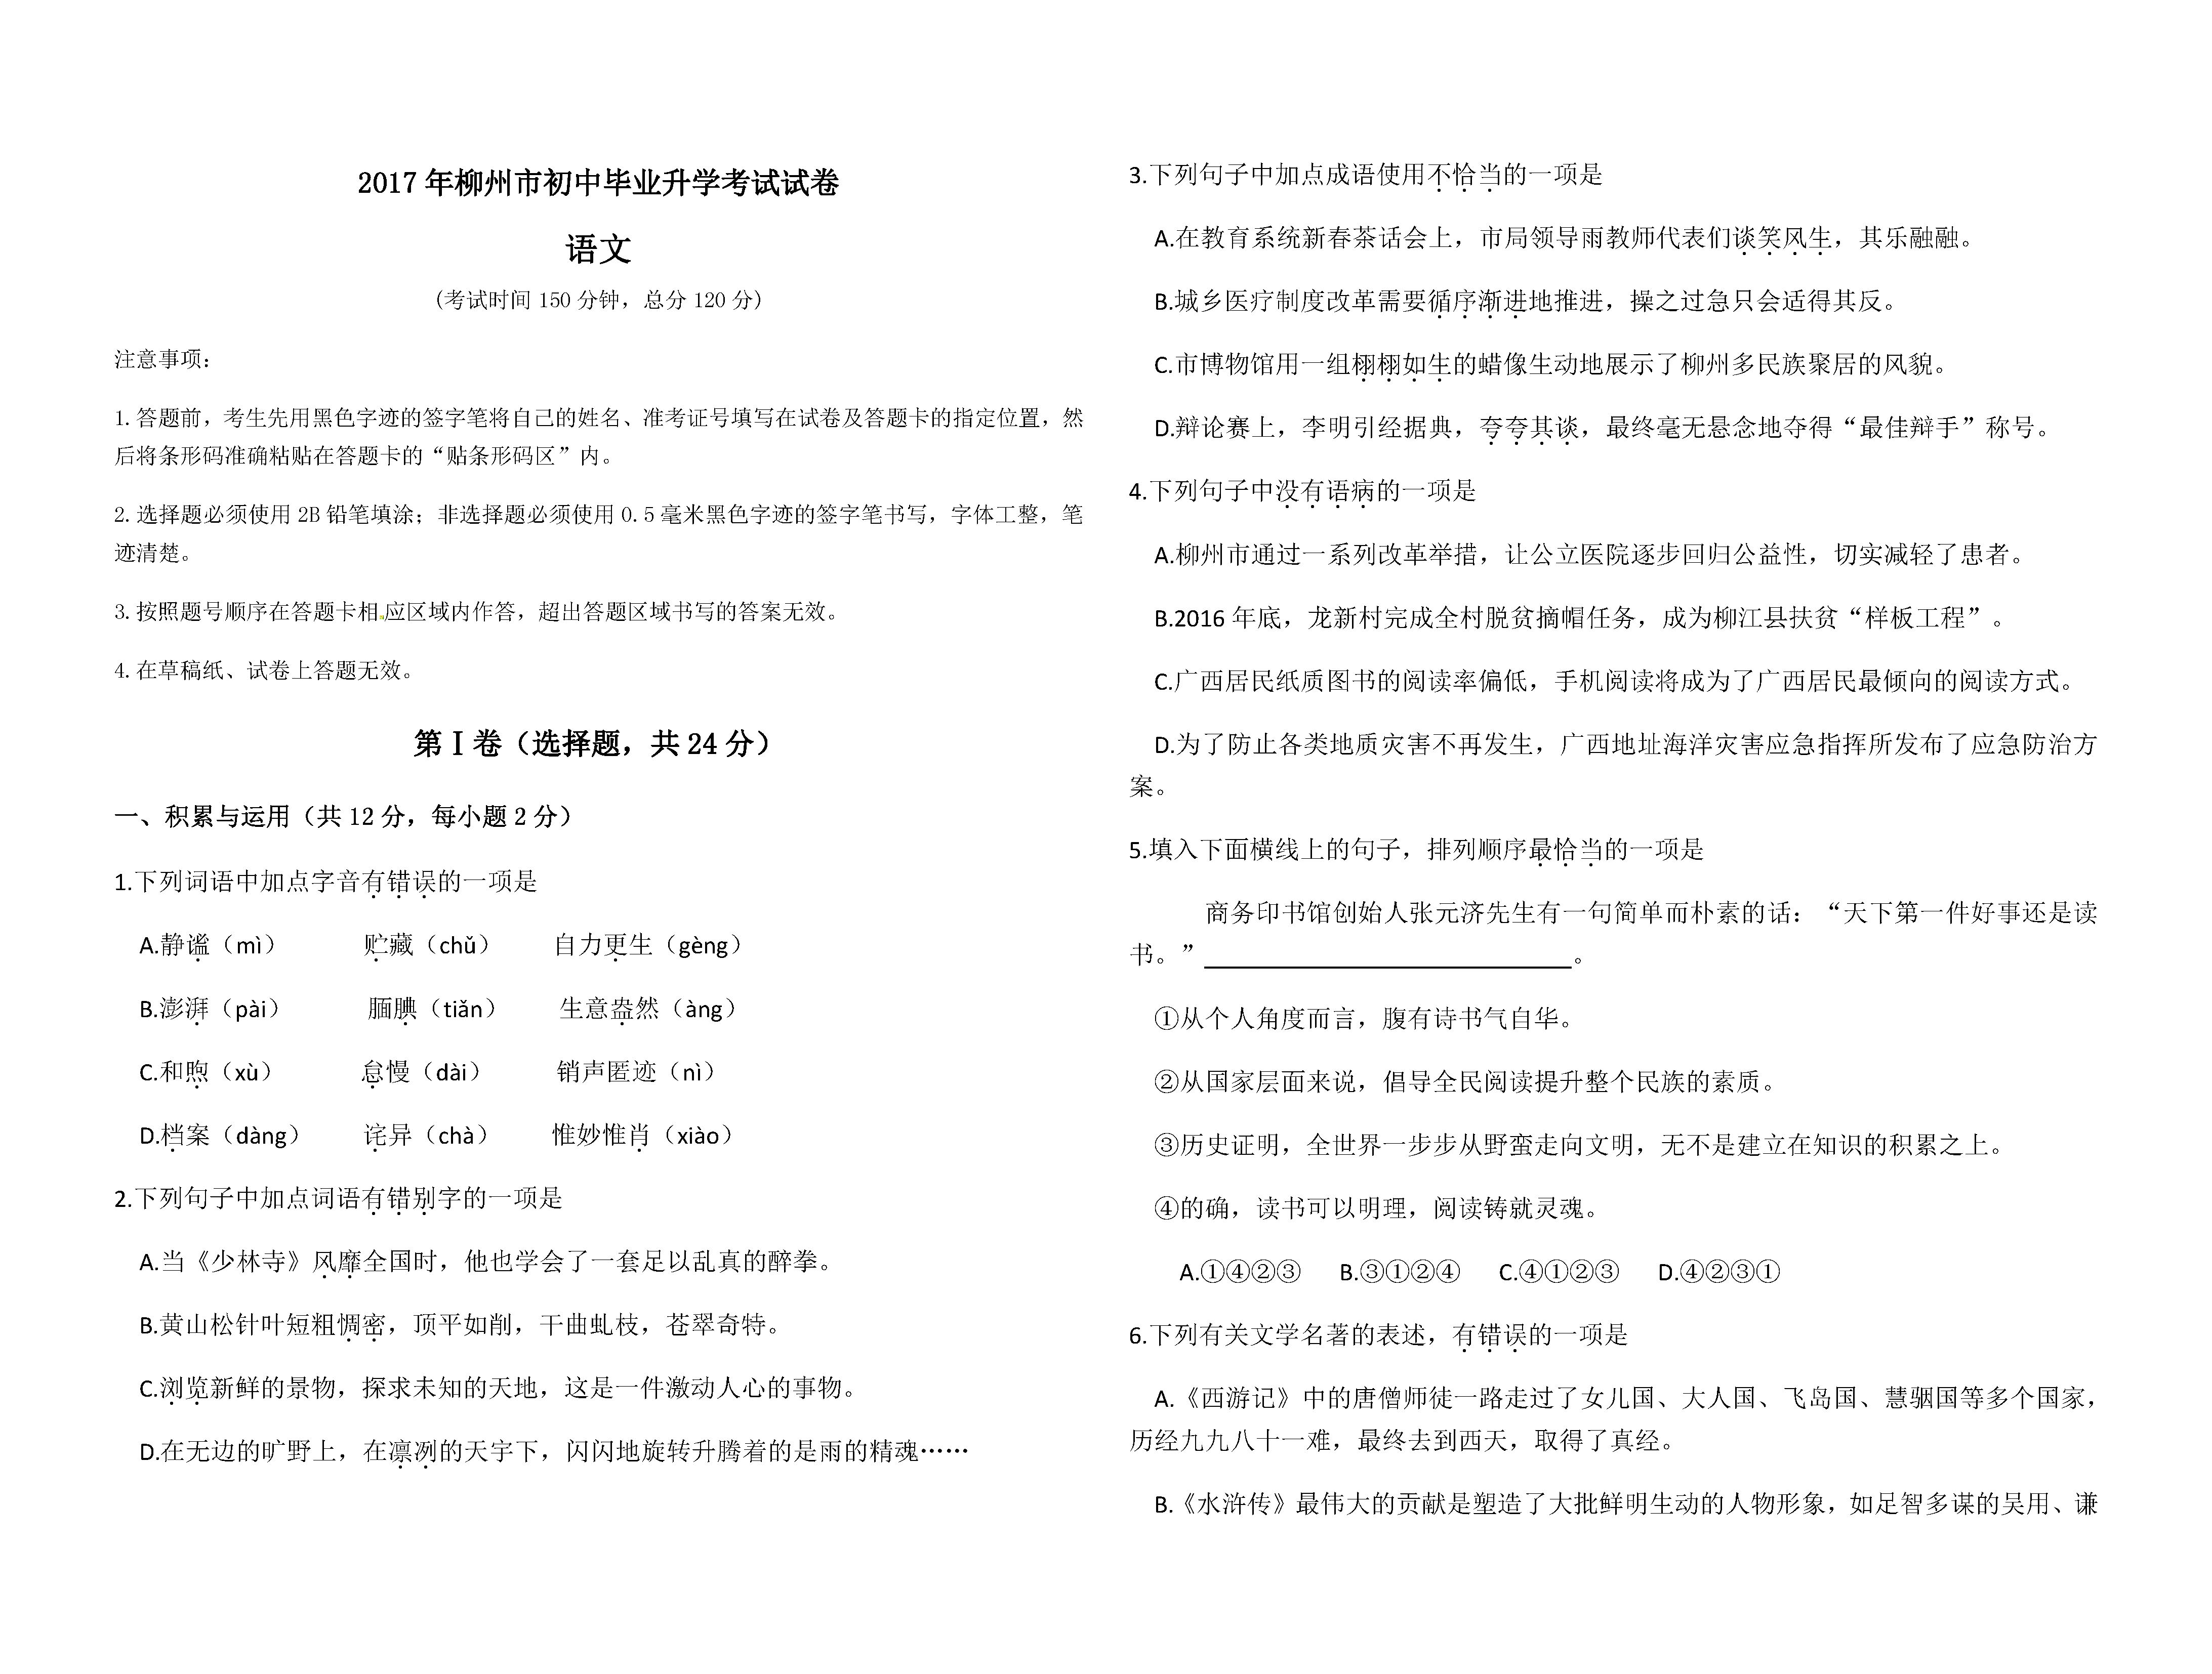 2017柳州中考语文试题及答案解析(word版含答案)